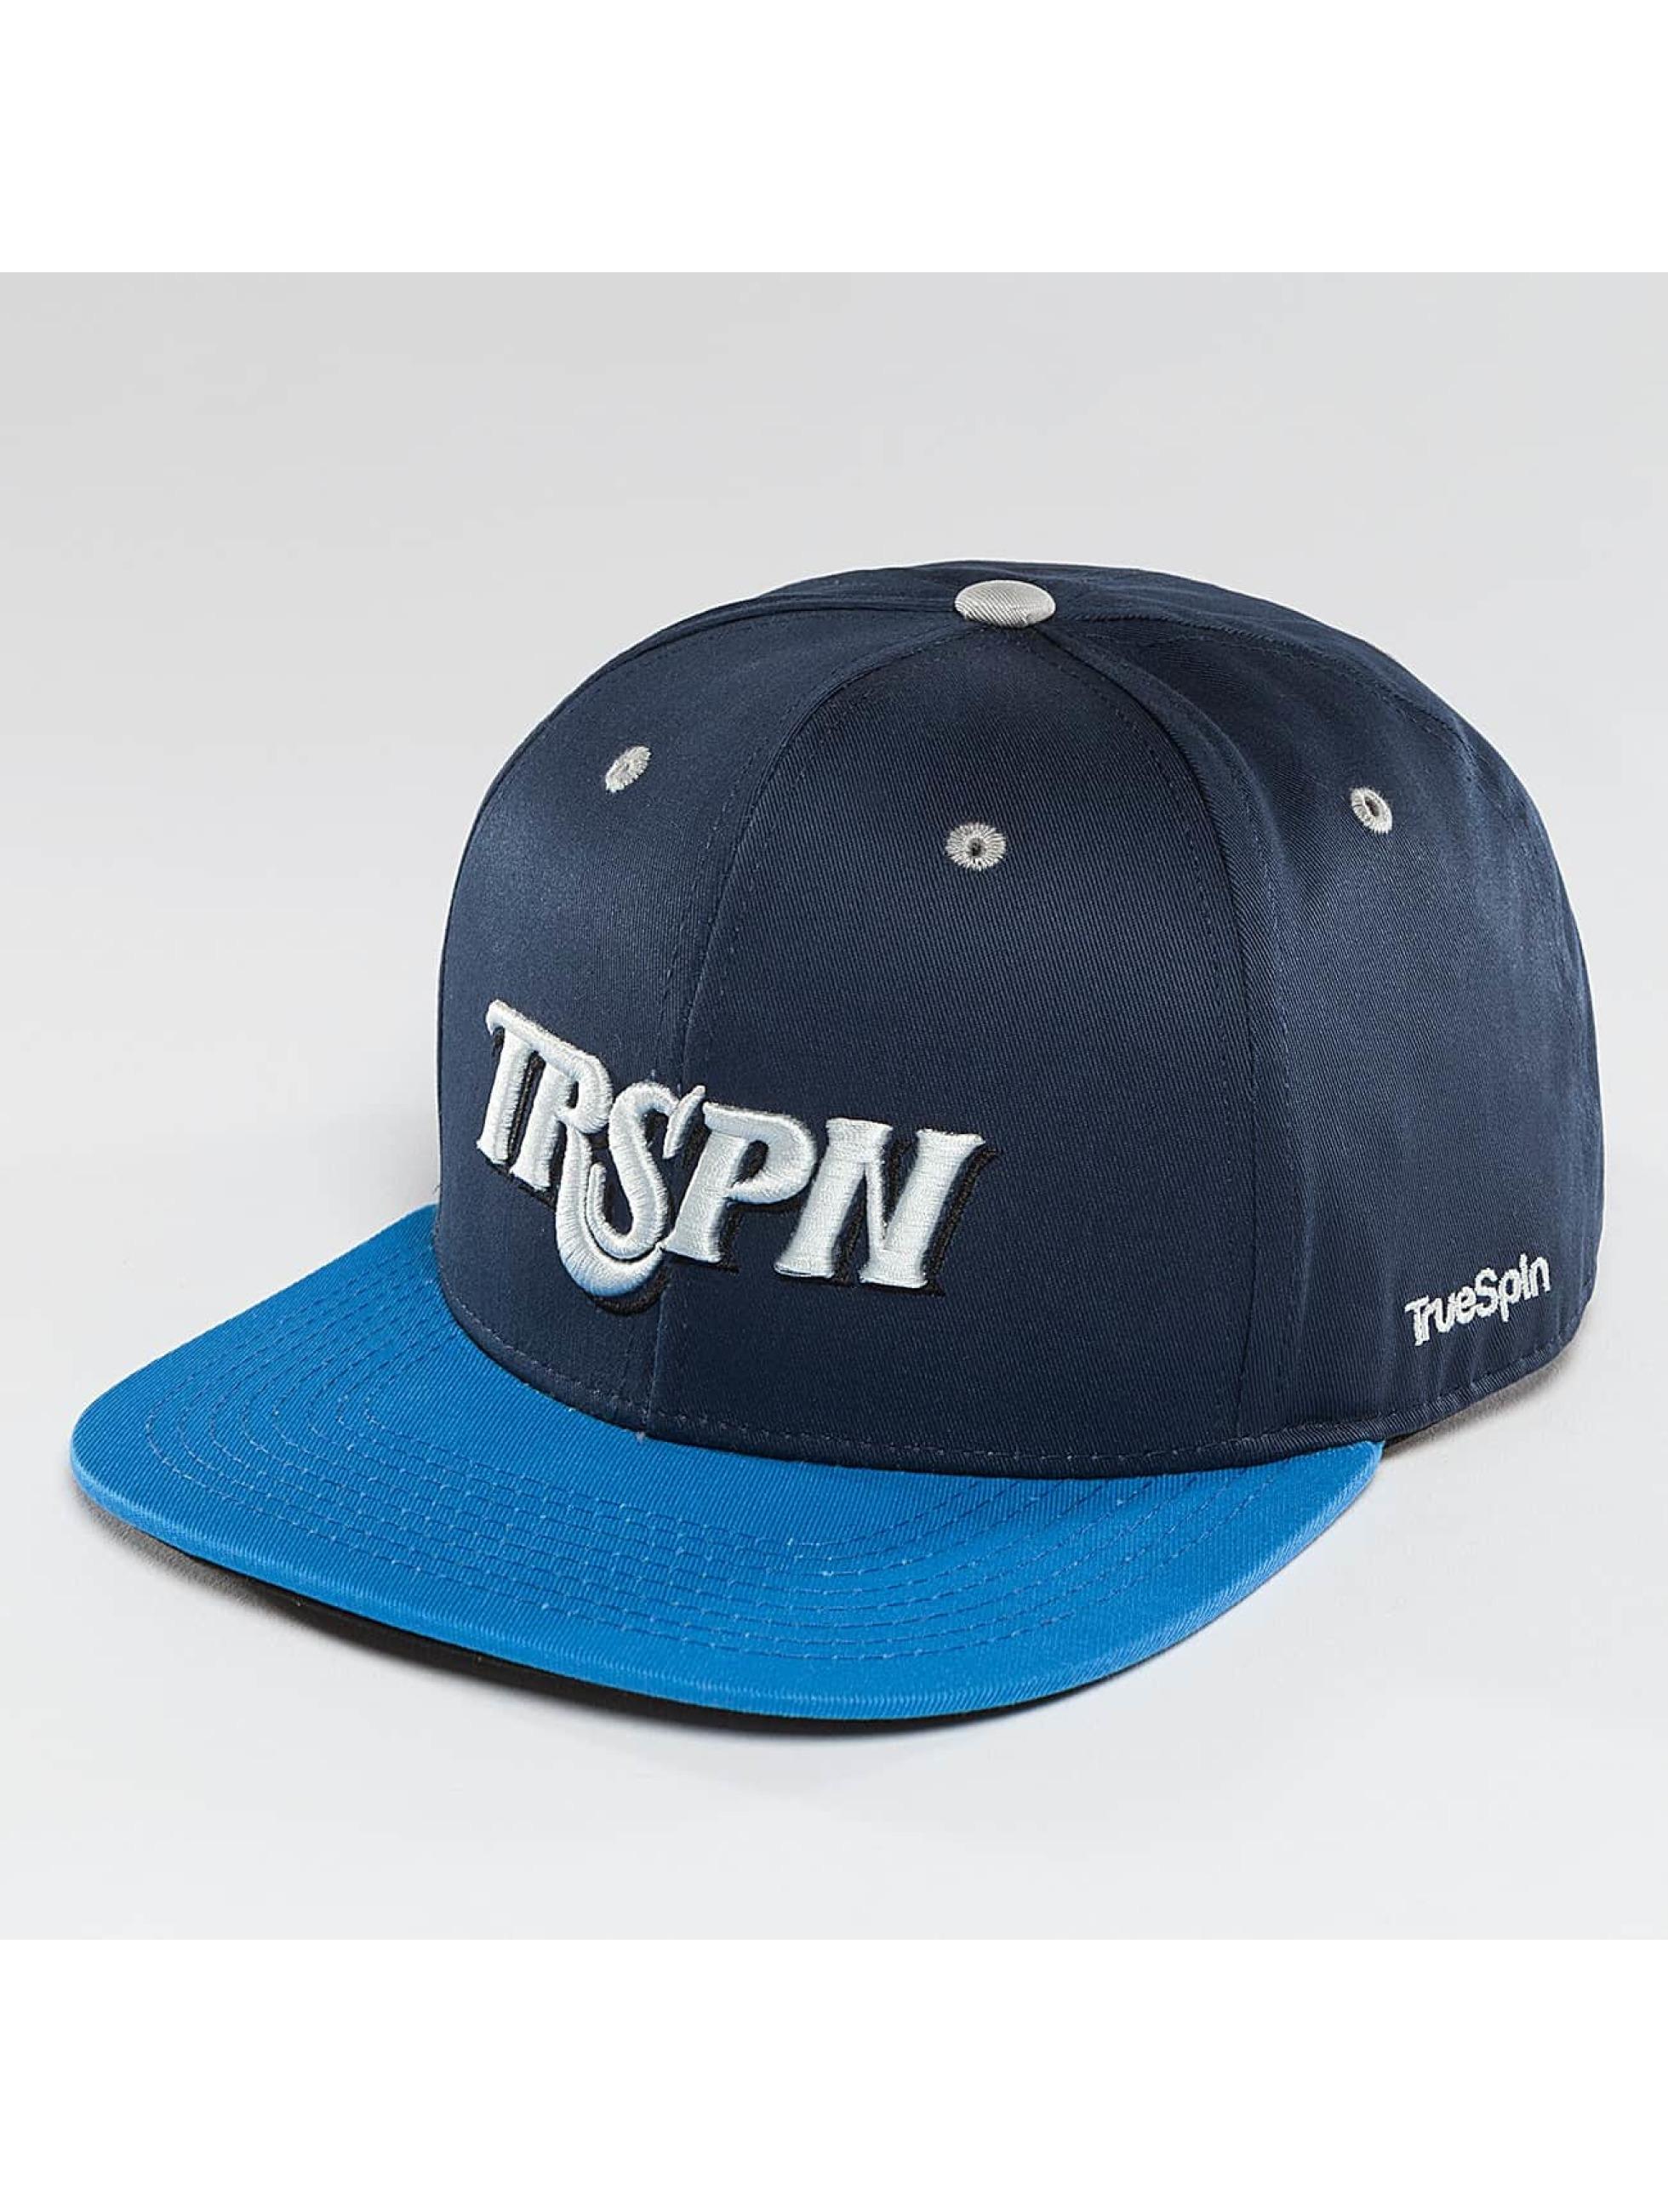 TrueSpin Gorra Snapback Team TRSPN azul